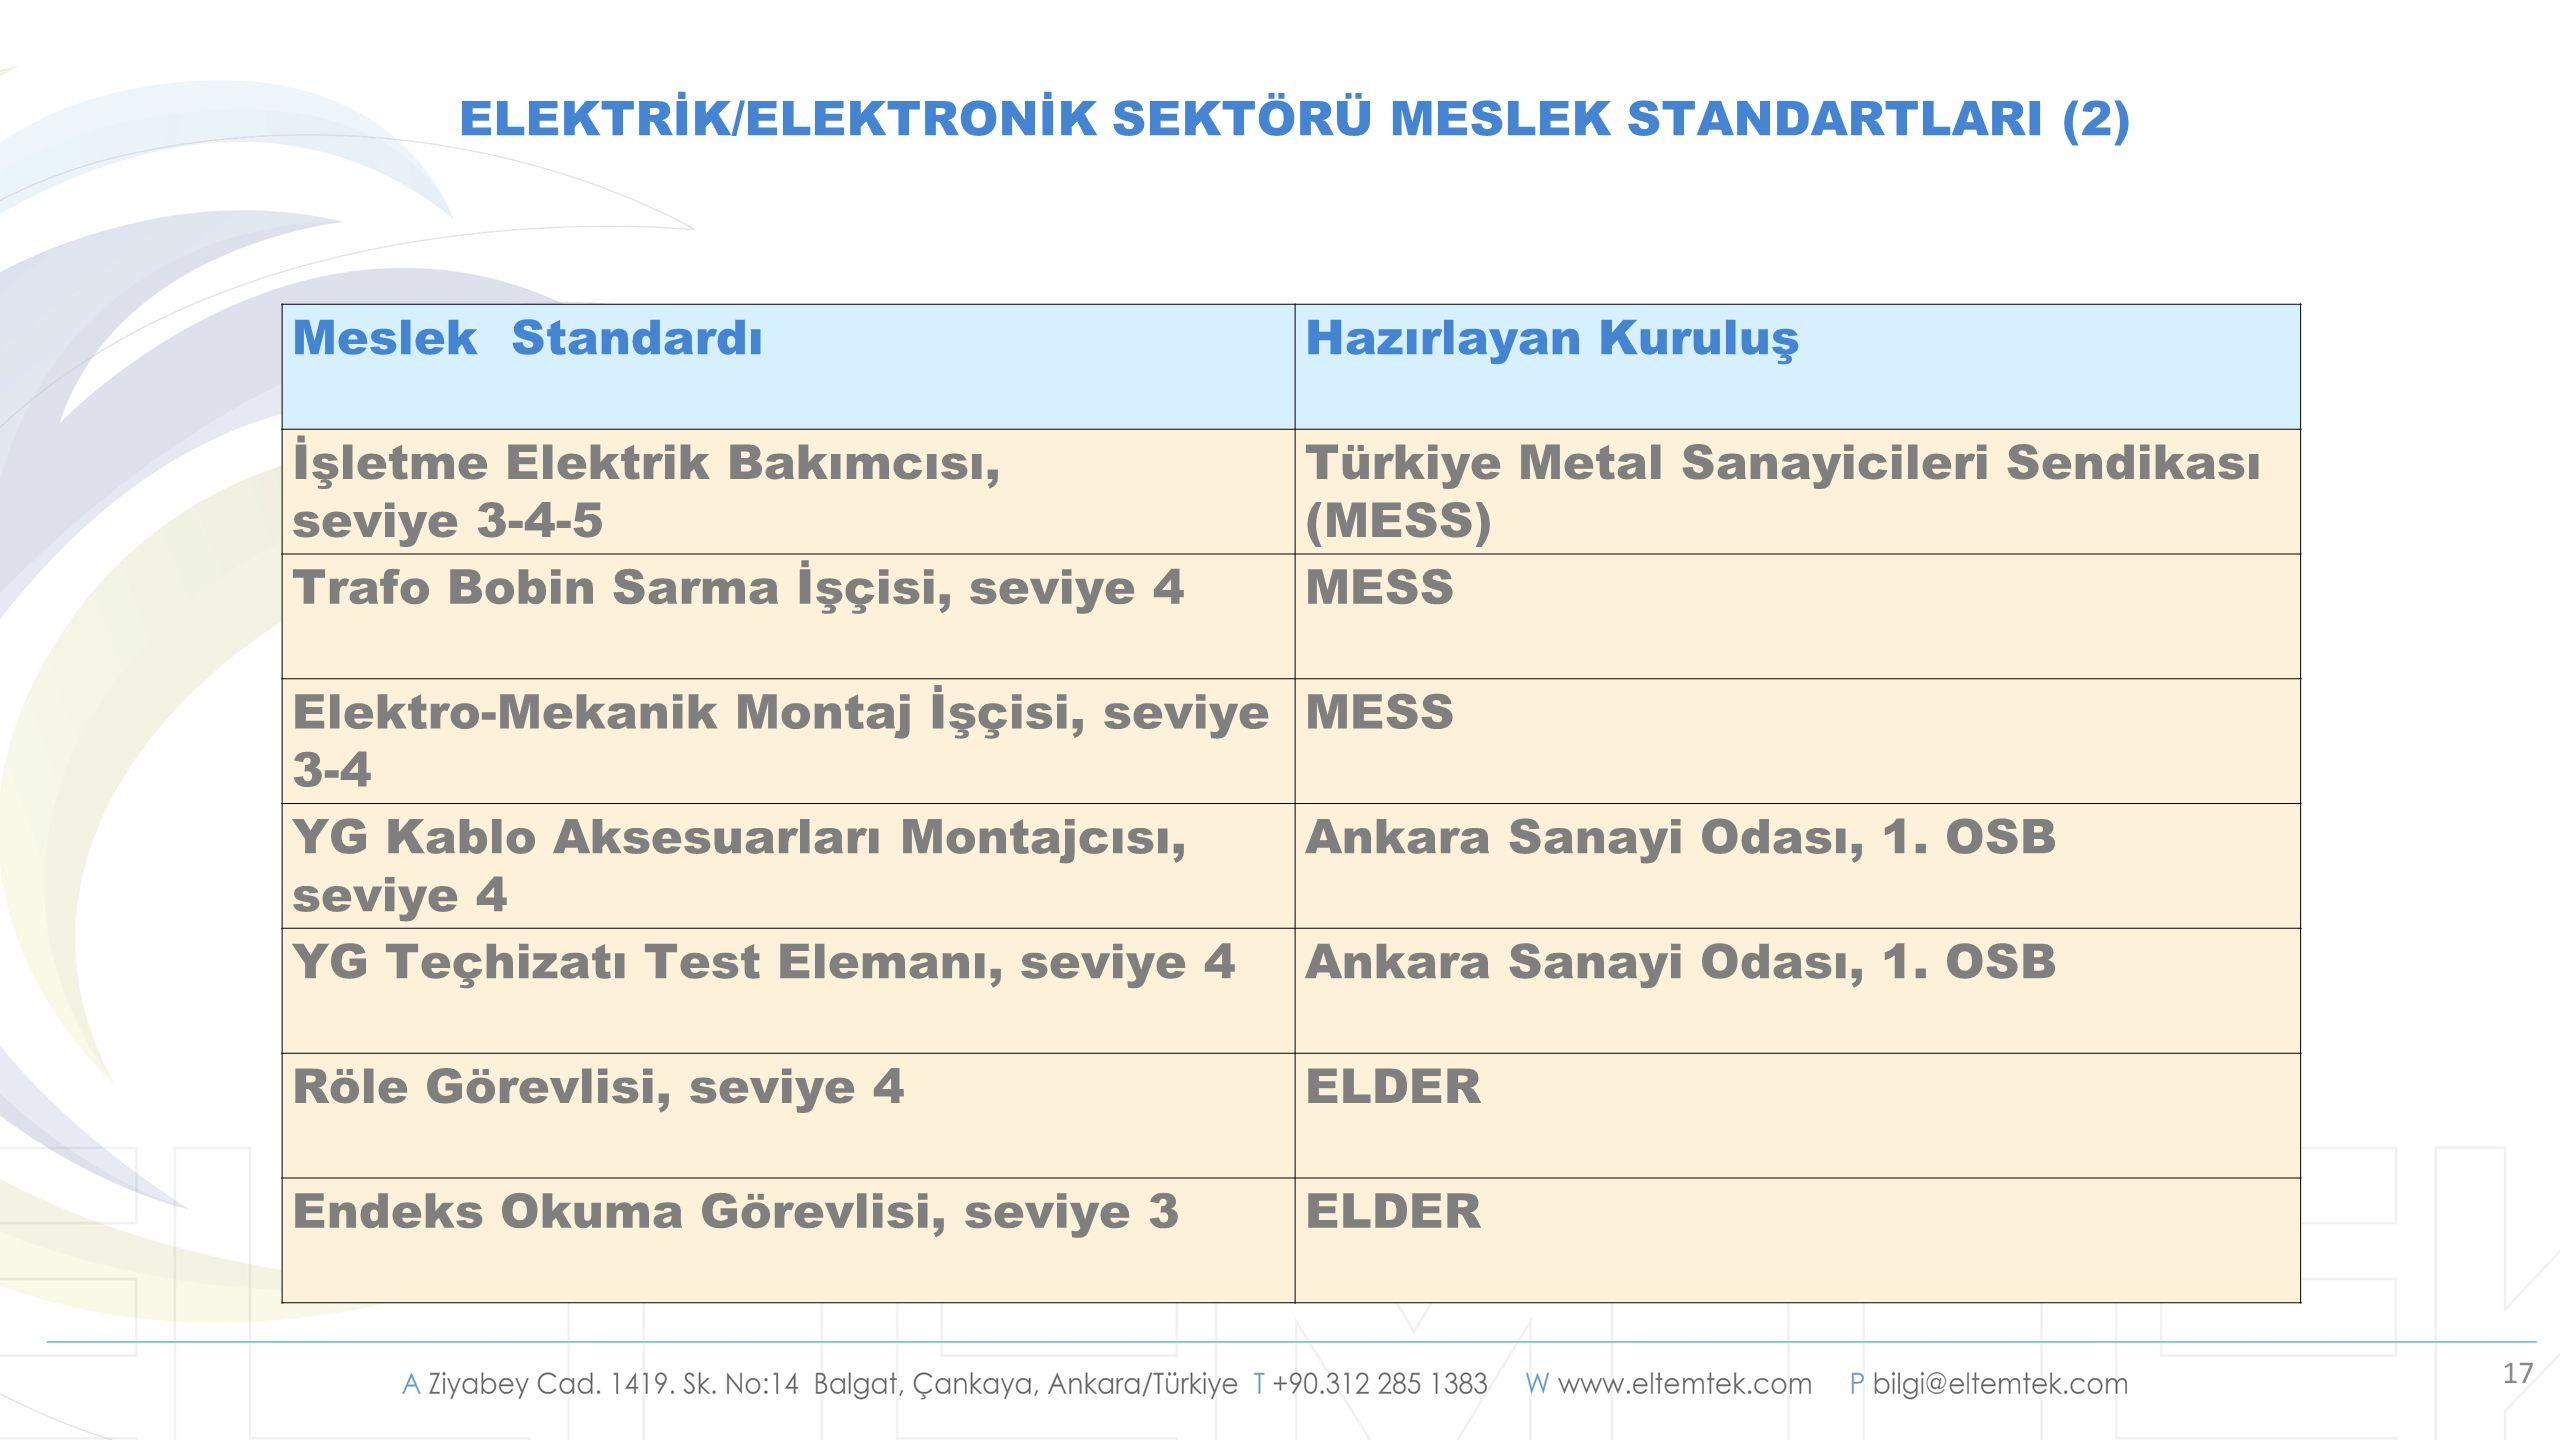 ELEKTRİK/ELEKTRONİK SEKTÖRÜ MESLEK STANDARTLARI (2)